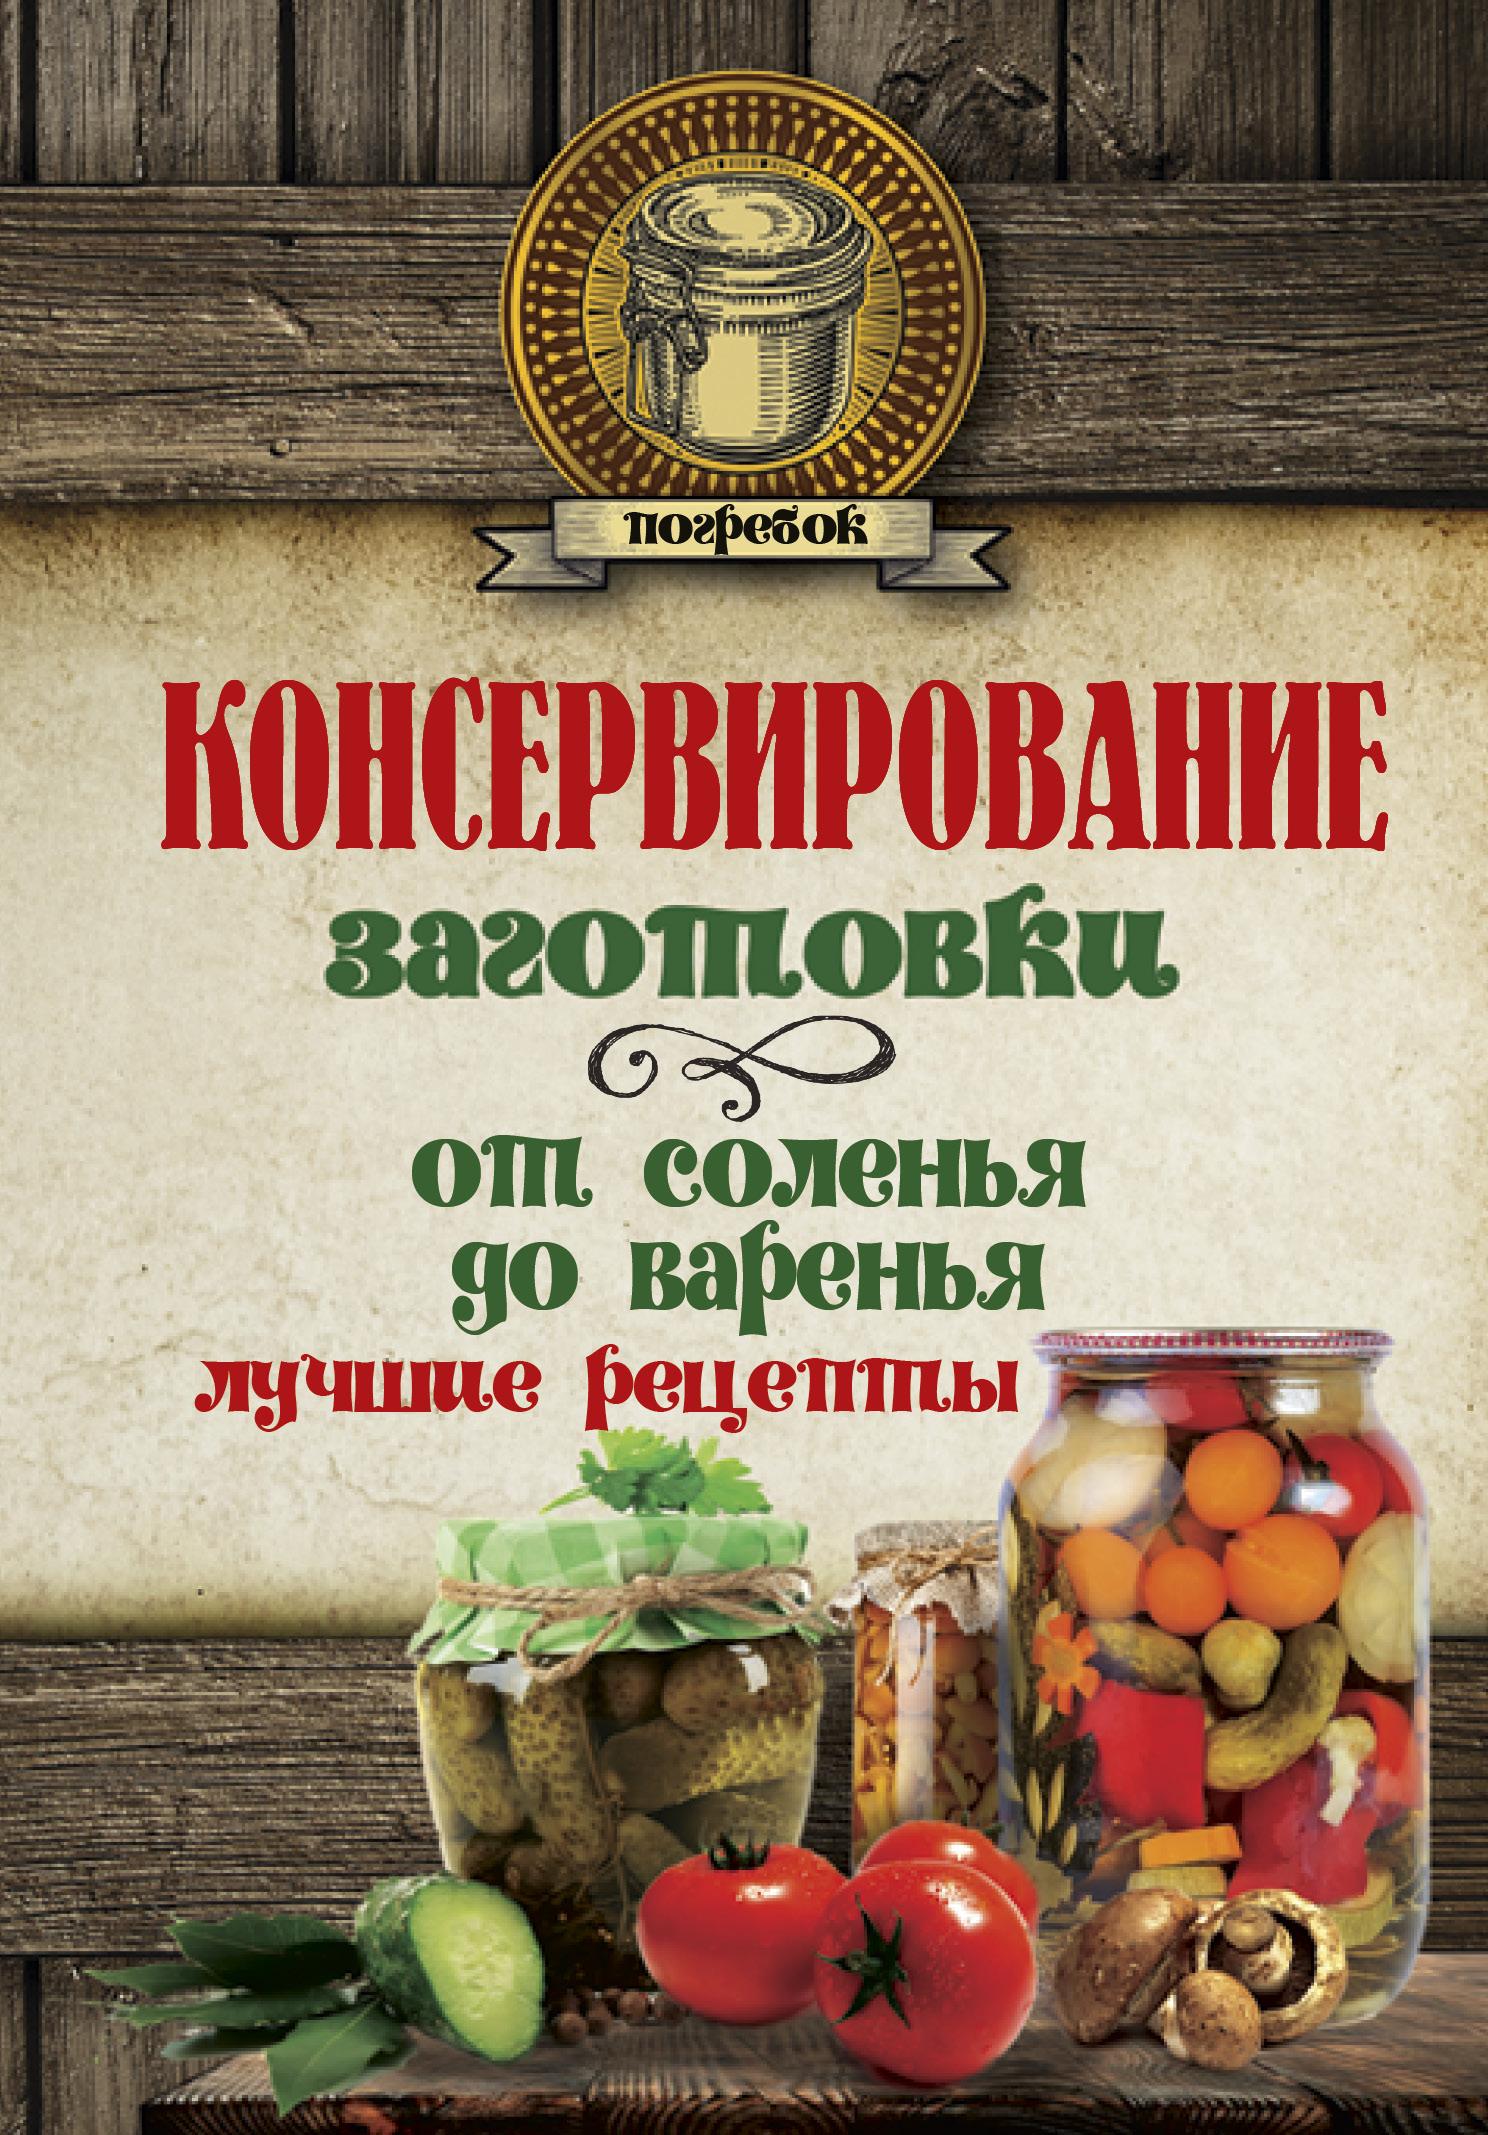 . Консервирование. Заготовки: от соленья до варенья. Лучшие рецепты. консервирование forever овощи и грибы